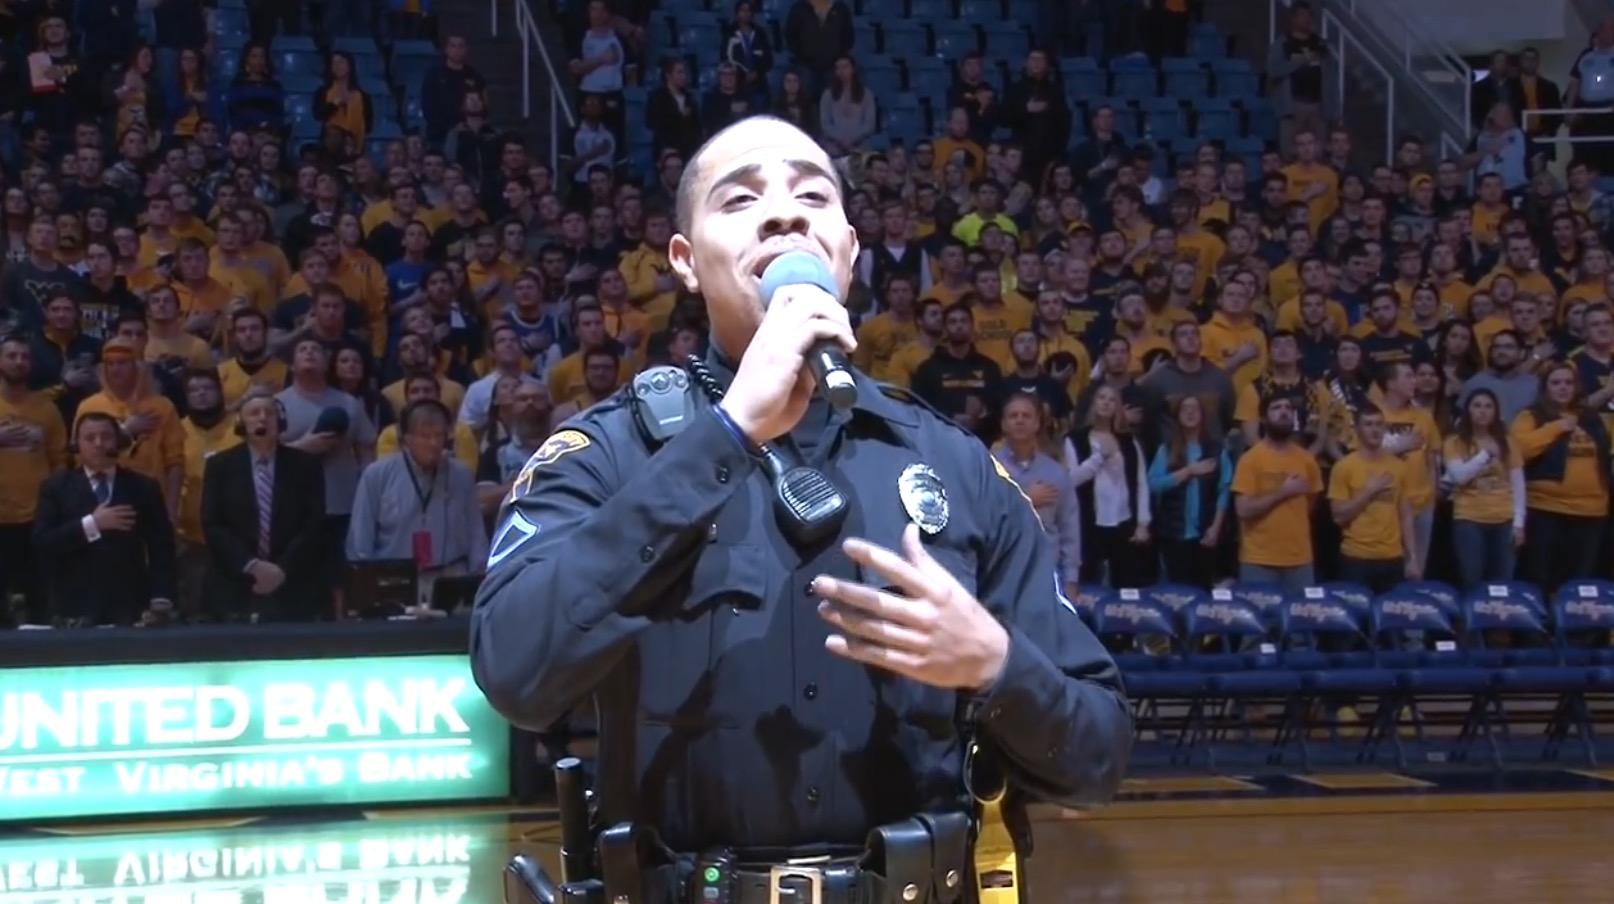 バスケの試合で歌手が急遽欠席!代役に選ばれたのはなんと警備員!あまりの美声に大歓声!!